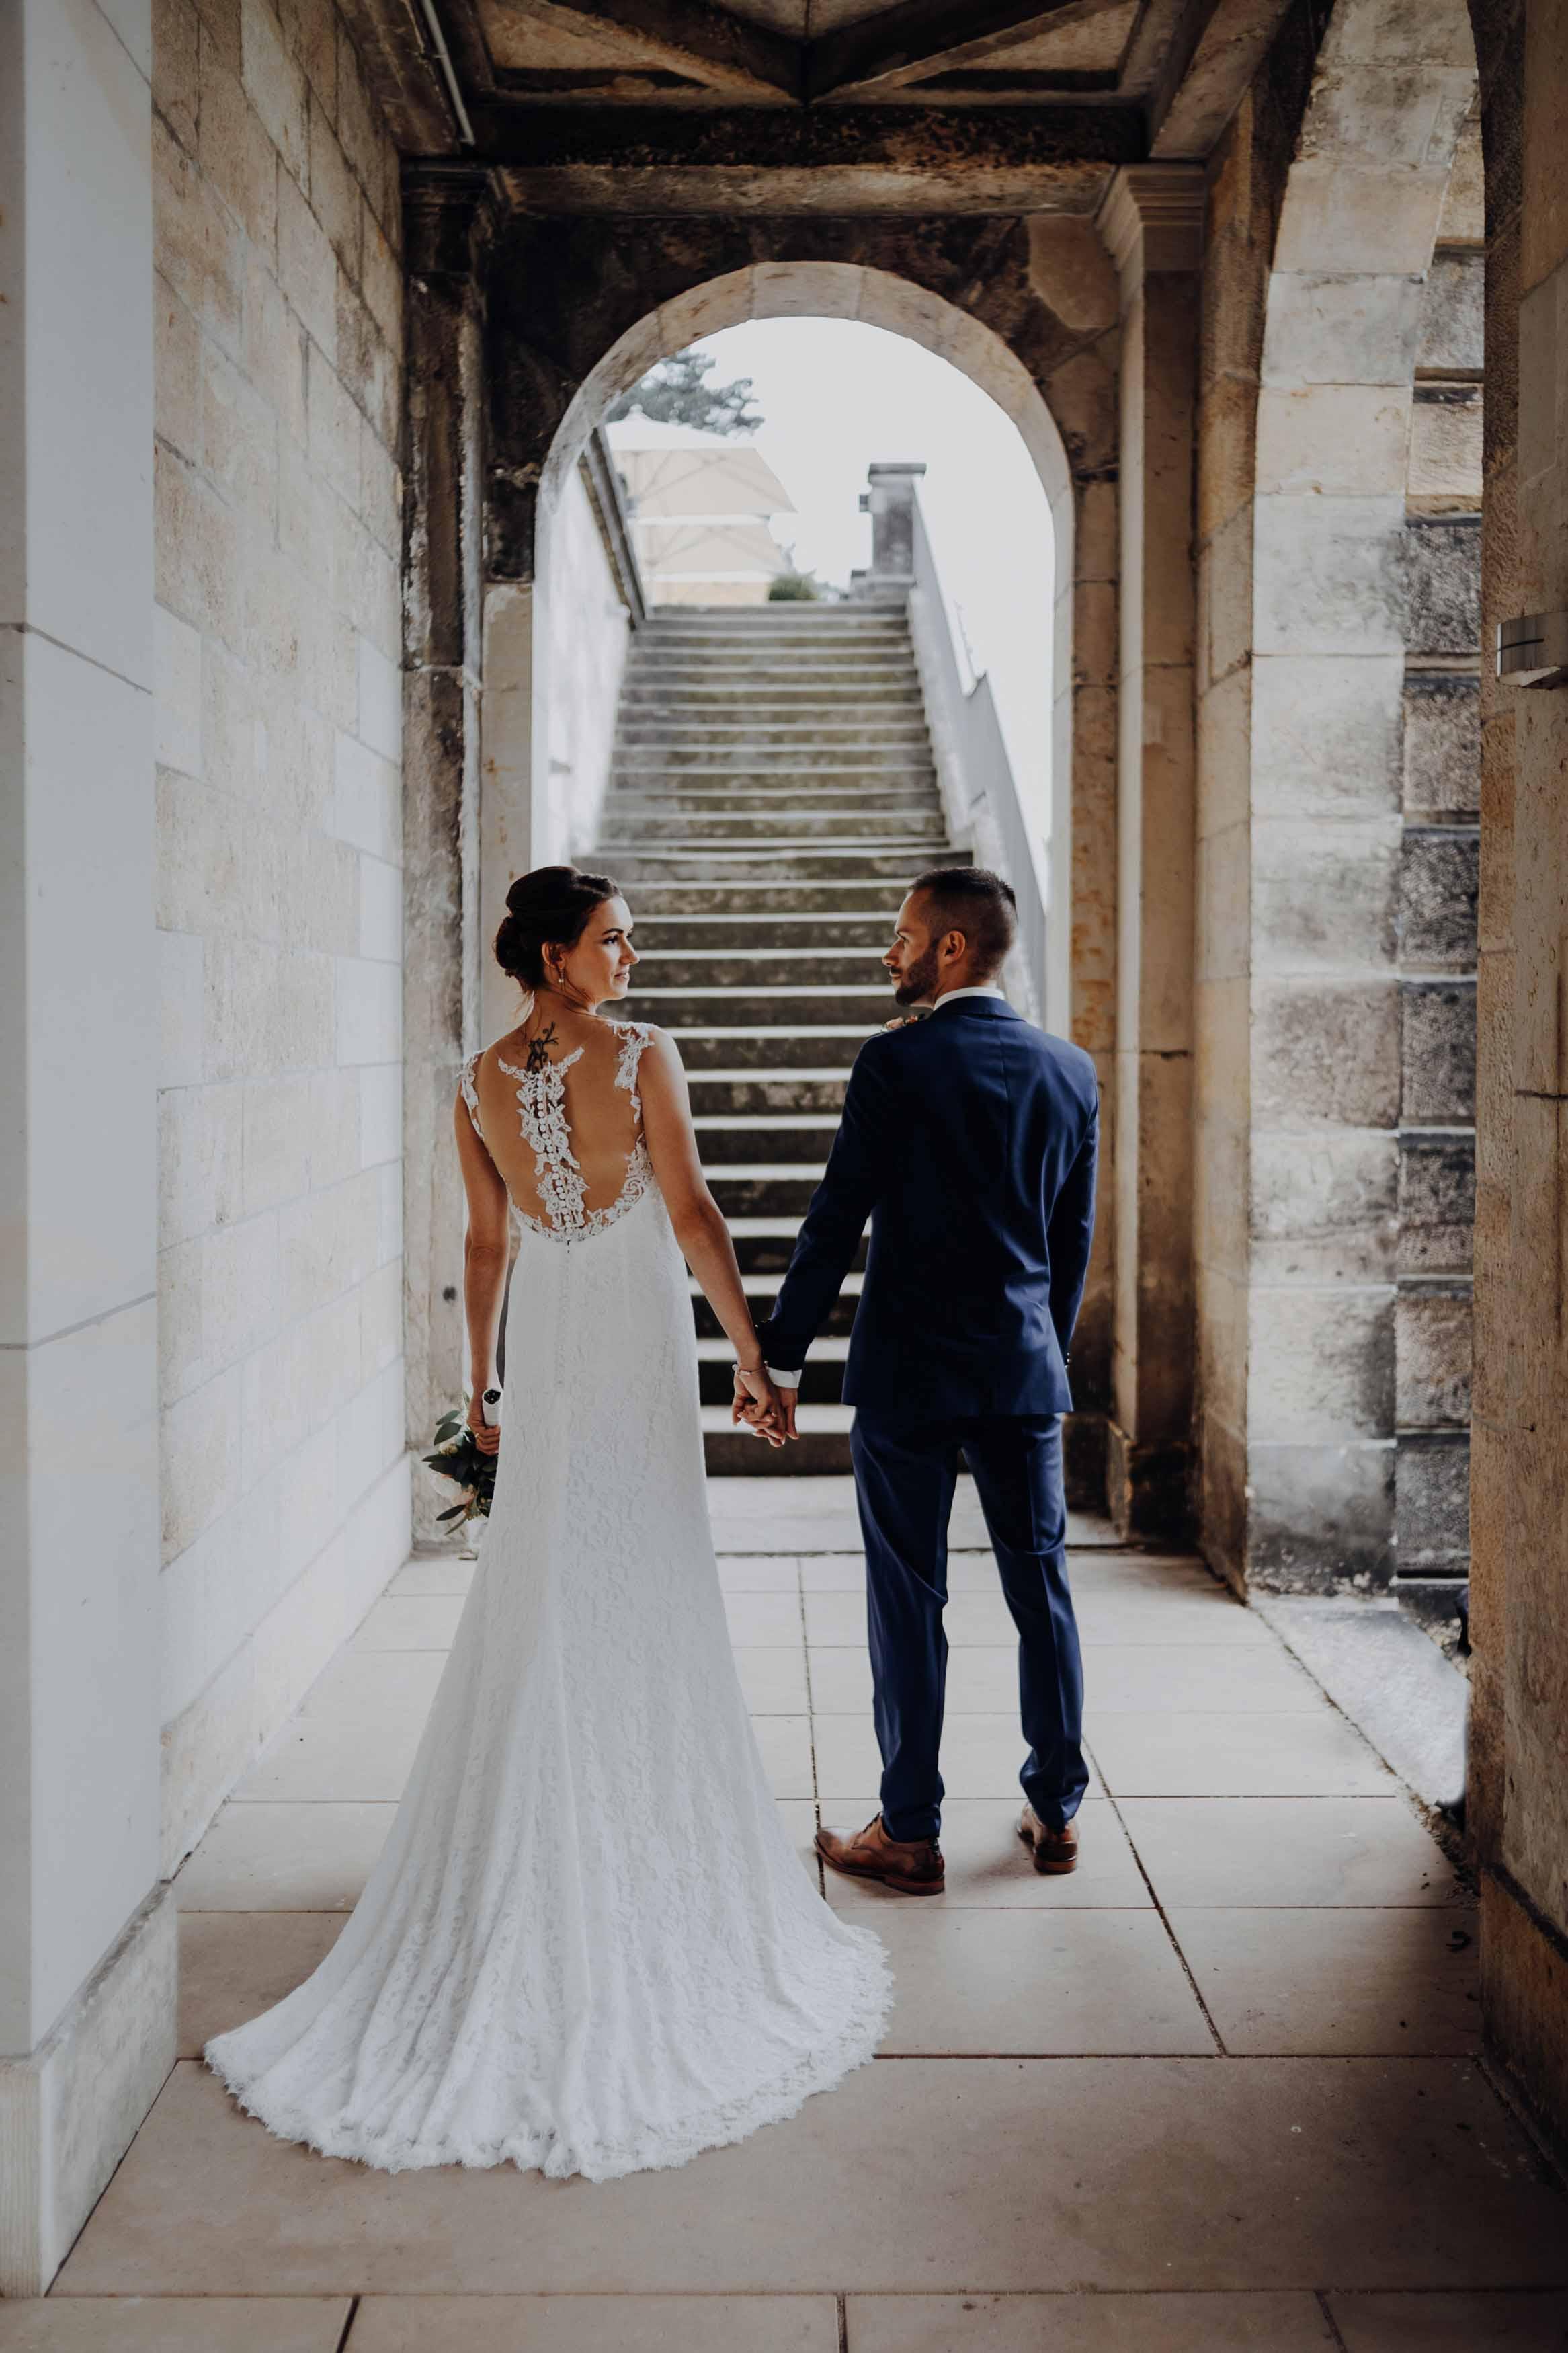 Hochzeitsfotograf Dresden Fotograf Dresden Hochzeitsfotos Brautpaarshooting Dresden Hochzeitsreportage Hochzeitfotos Preise